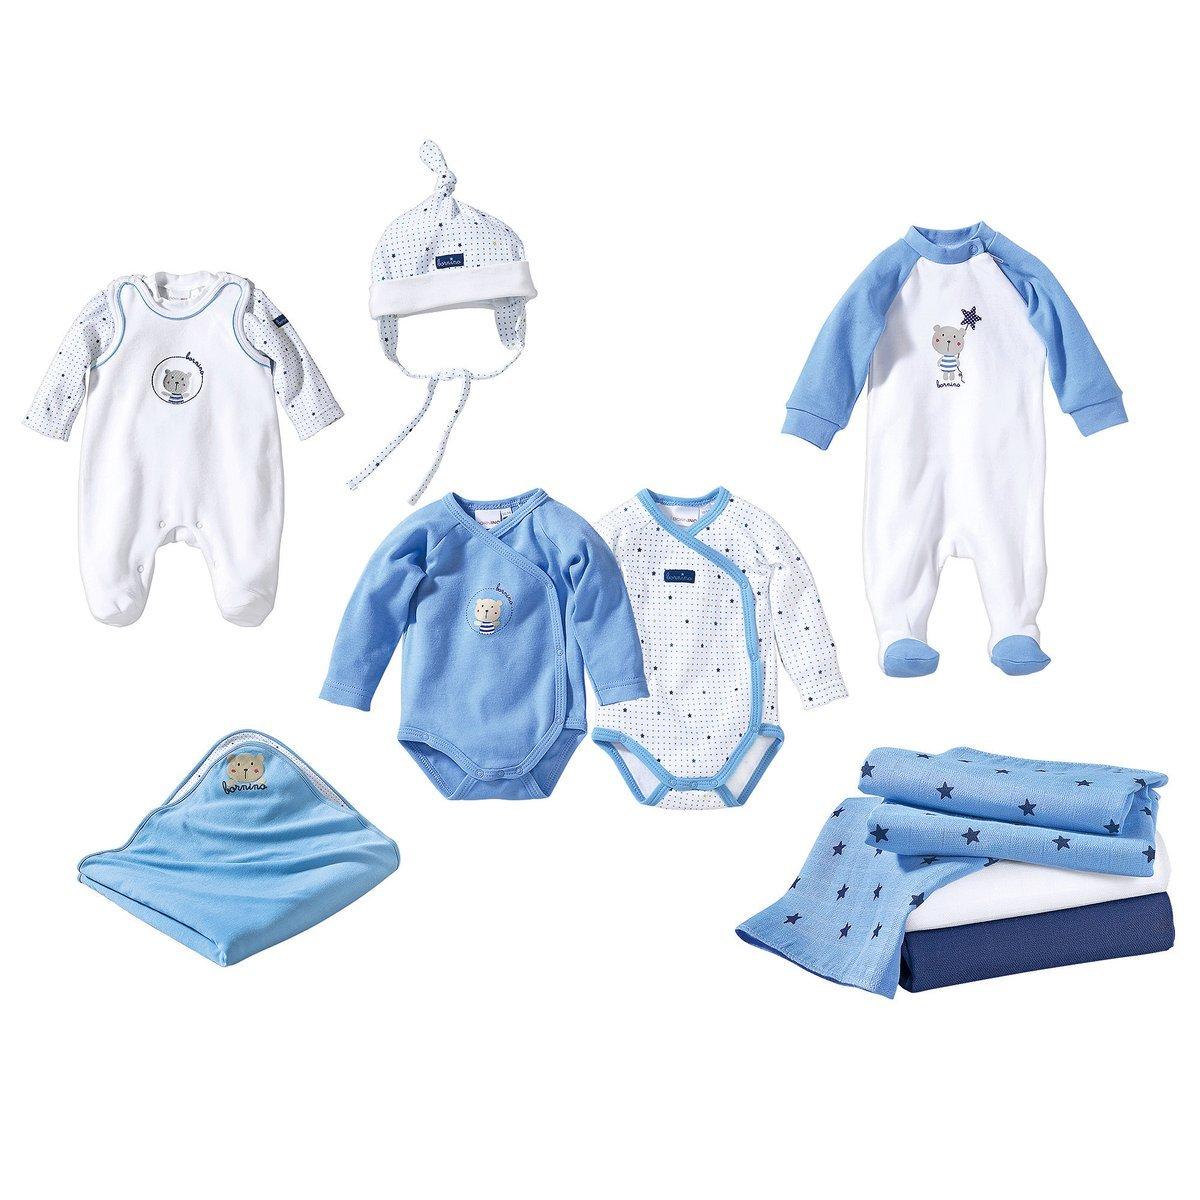 Bornino Erstausstattung für Baby Jungen / 10-teiliges Set Babybekleidung mit Wickelbody und Mütze